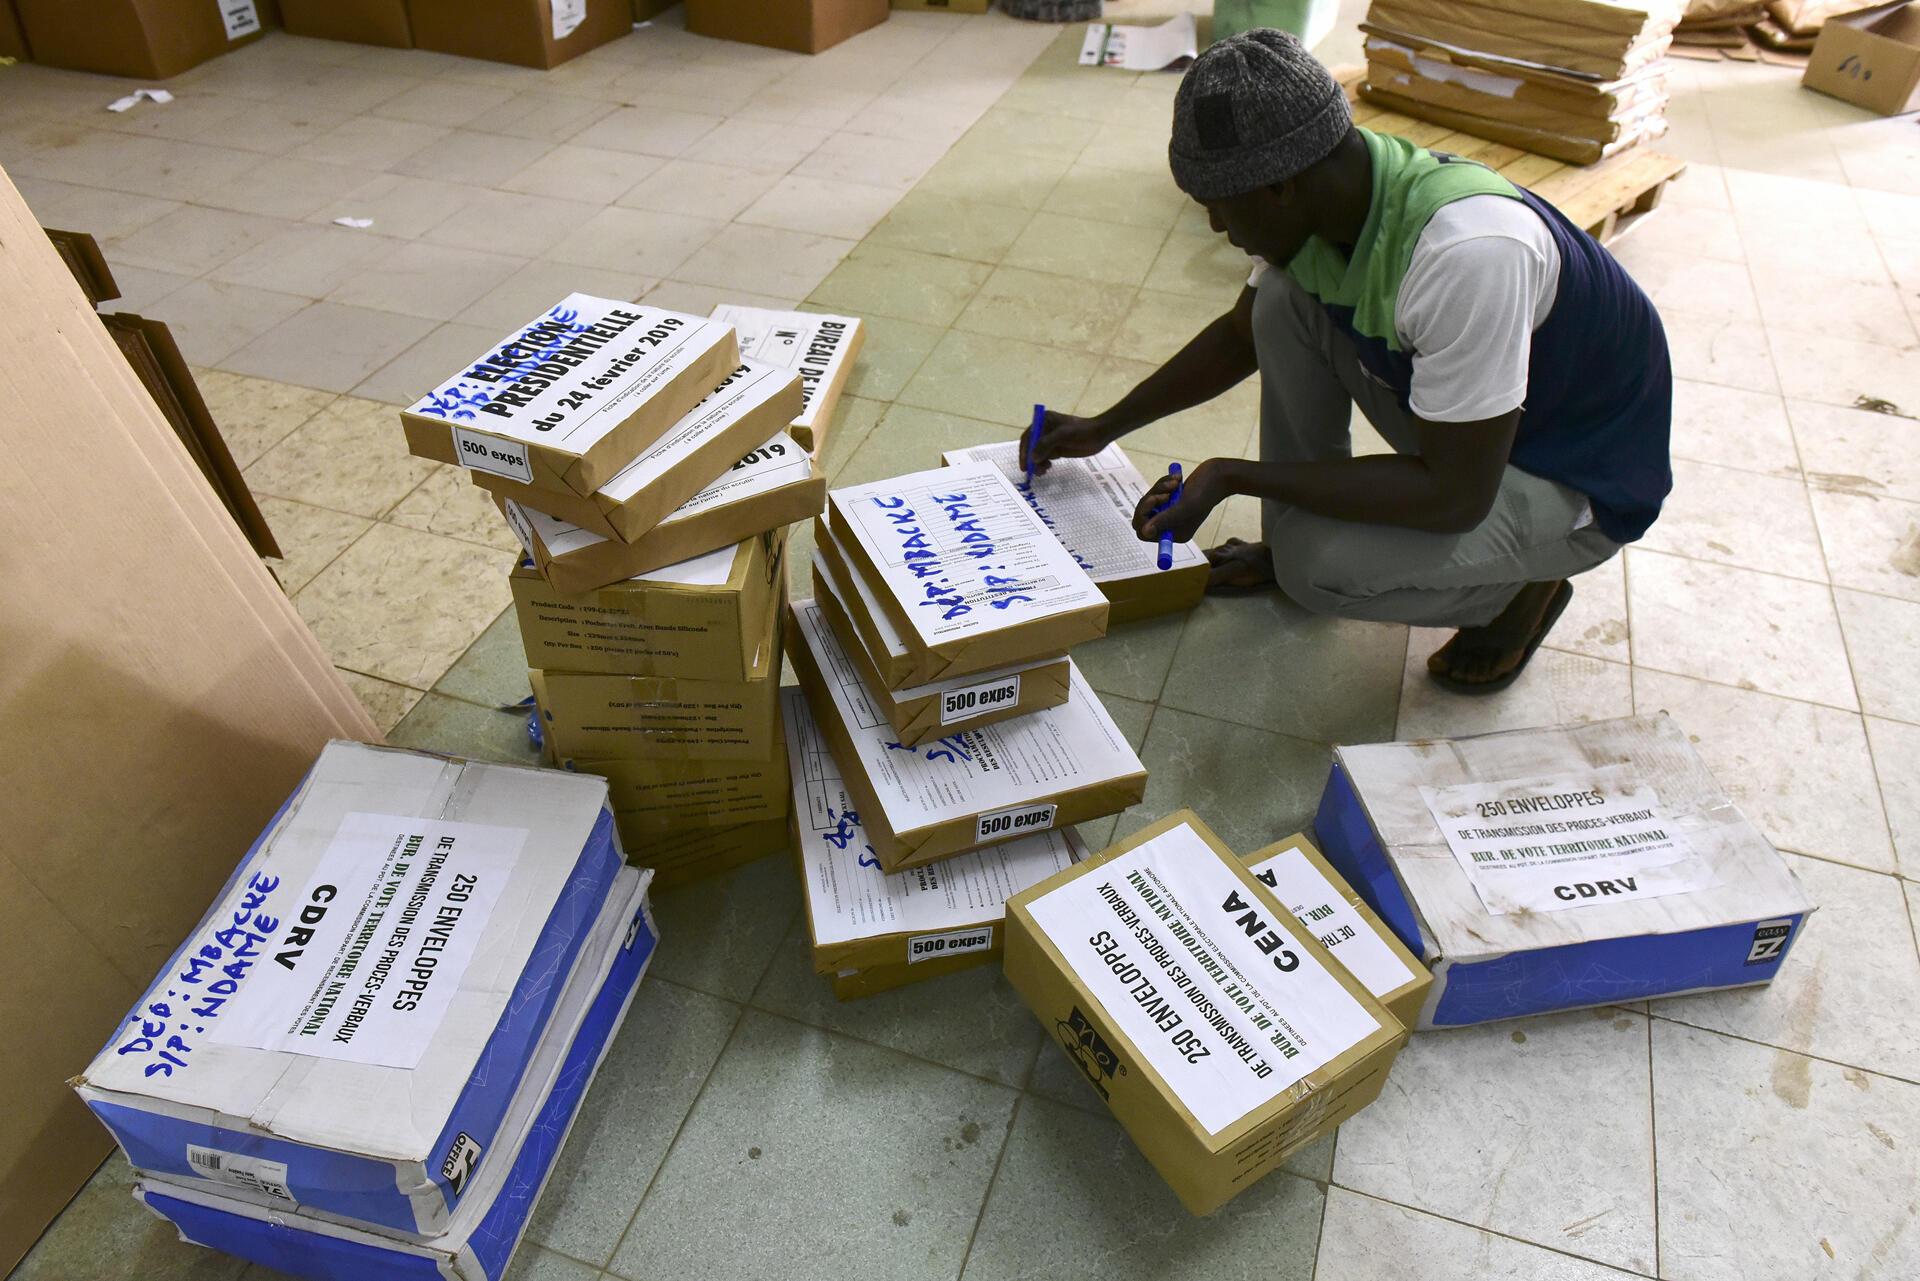 Préparation du matériel électoral à l'Académie de la police nationale de Dakar, le 6 février 2019, avant le premier tour de l'élection présidentielle du 24 février.